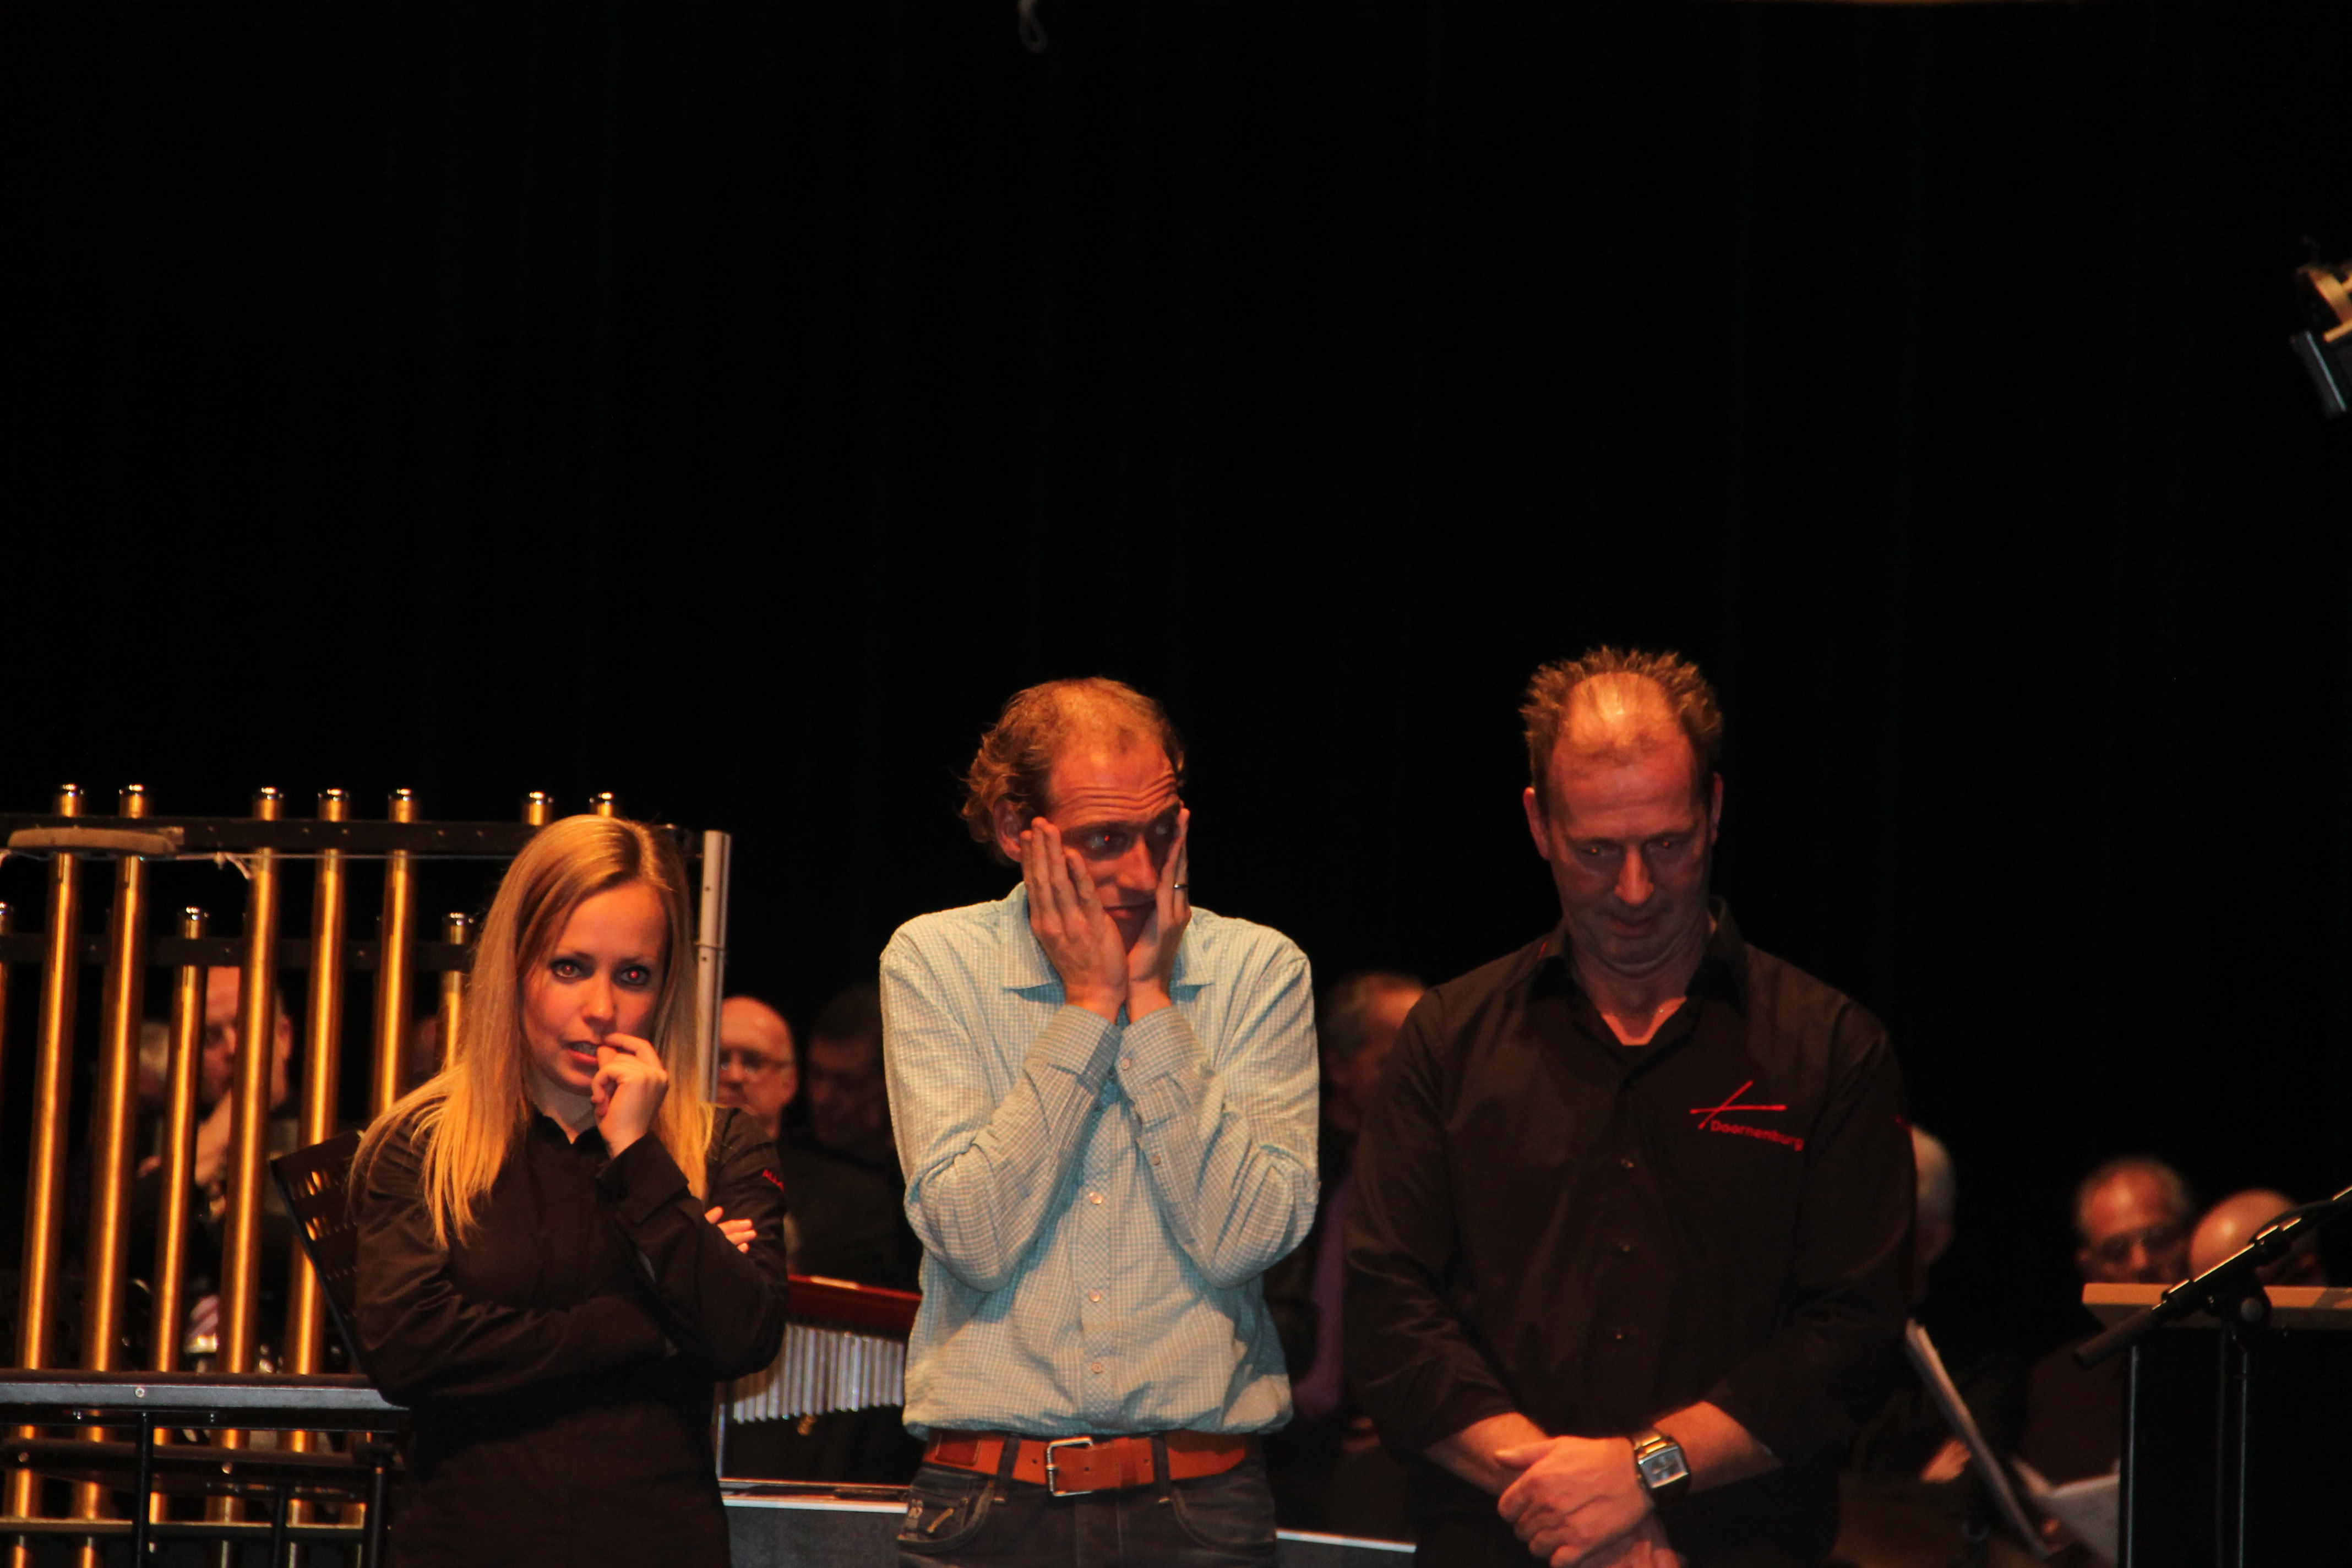 Spanning bij Lisa Peters, Casper Traa en Bert Selman vlak voor prijsuitreiking!